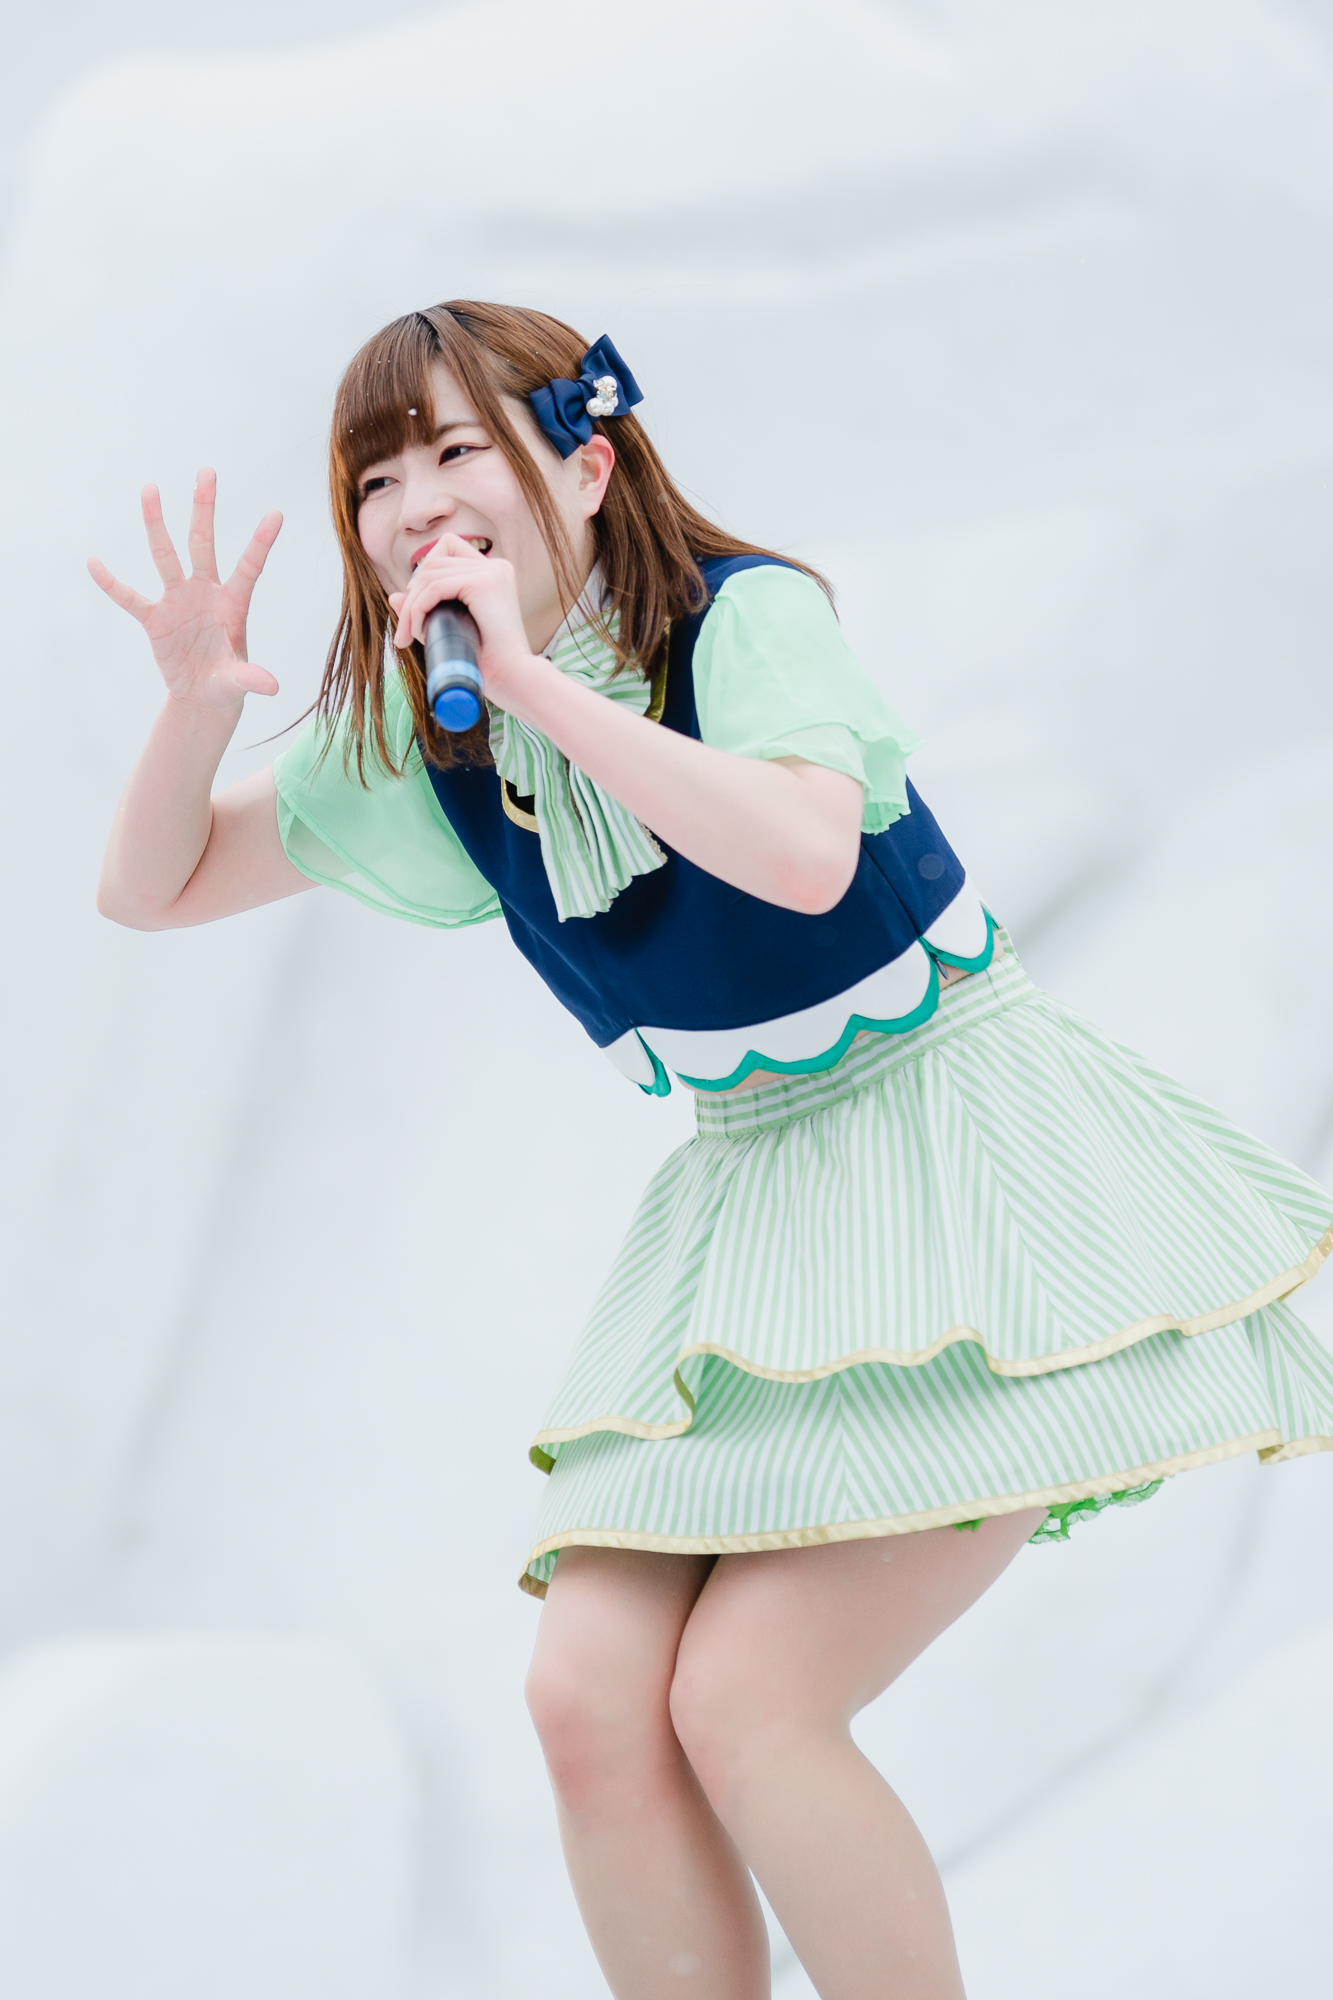 3代目HAPPY少女♪ あゆみ ( 新谷亜由美 ) | 第71回さっぽろ雪まつり